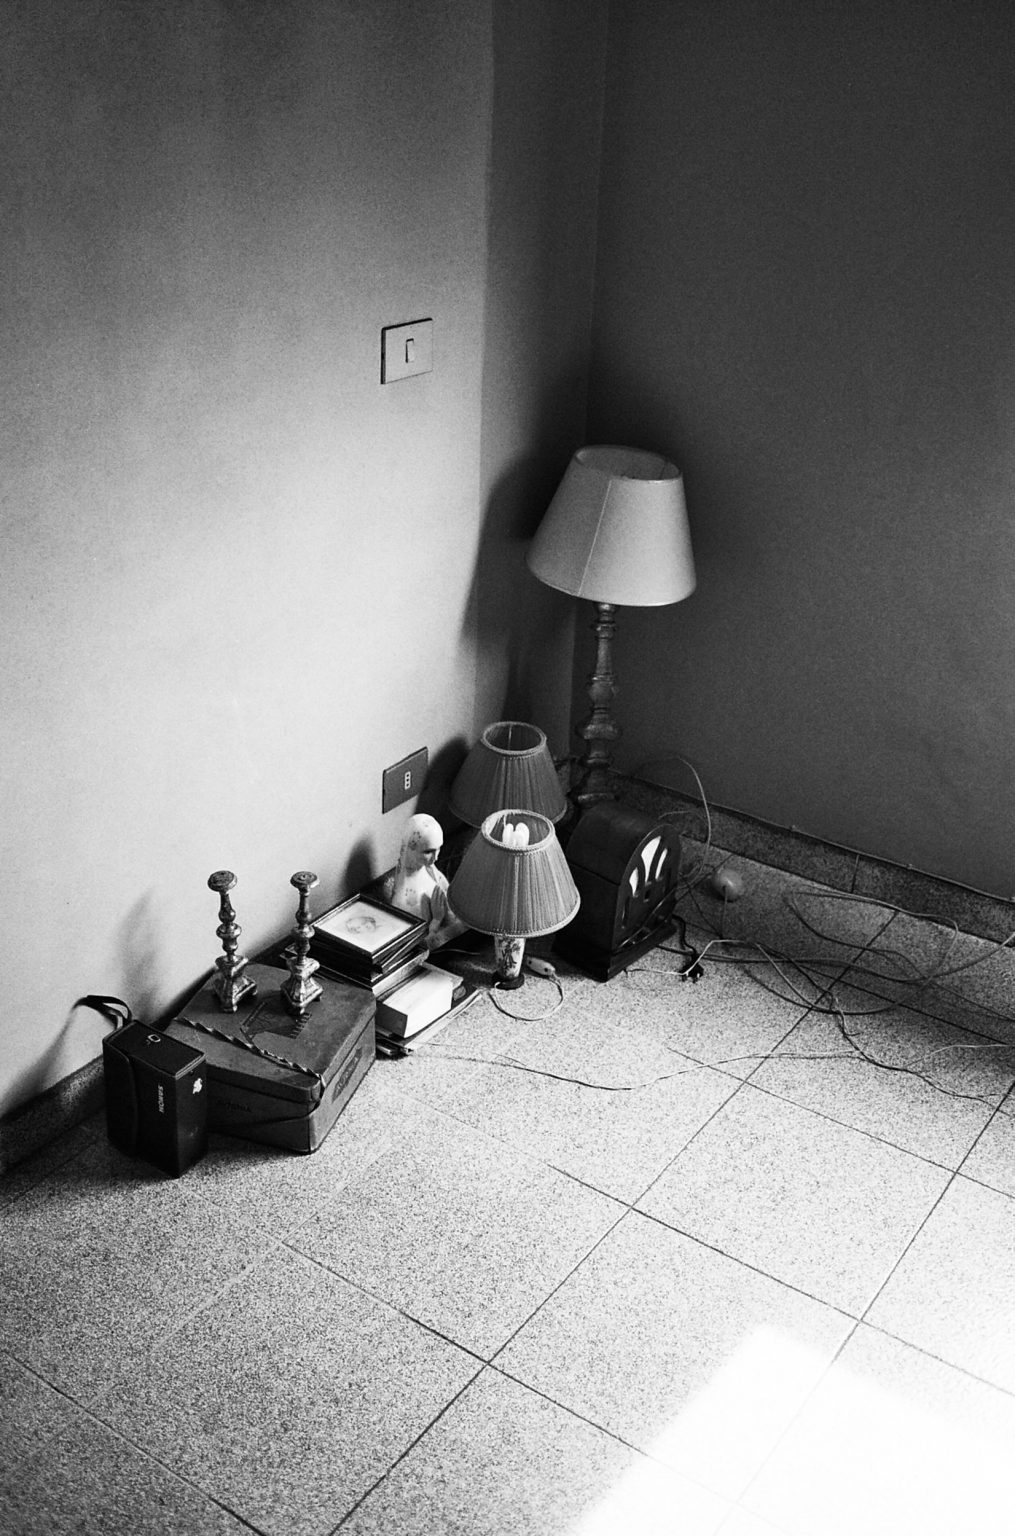 """Rome, 2011- """"Rome Diary"""" ( Rome 2007-2020)  is a long-term research that documents the city of Rome through stories of places and people. An investigation into different worlds, in a society where relationships, loneliness, abuse, love, nightlife, music and artists are explored, and finally the relationship between people and cities.Objects inside a moving house. >< Roma, 2011 -Rome Diary Rome (2007-2020) è una ricerca a lungo termine che documenta la città di Roma attraverso storie di luoghi e  di persone. Un'indagine in mondi diversi, in una società in cui si esplorano le relazioni, la solitudine, gli abusi, l'amore, la vita notturna , la musica e gli artisti, ed infine il rapporto tra persone e città. Alcuni oggetti in una casa privata durante un trasloco."""